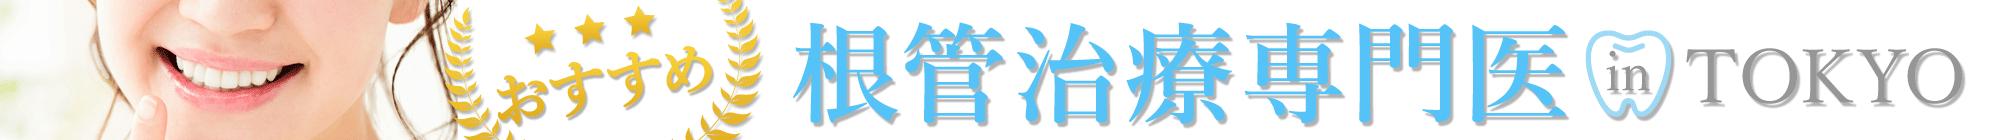 【東京で根管治療専門HP】歯を抜く決断の前にチェック!